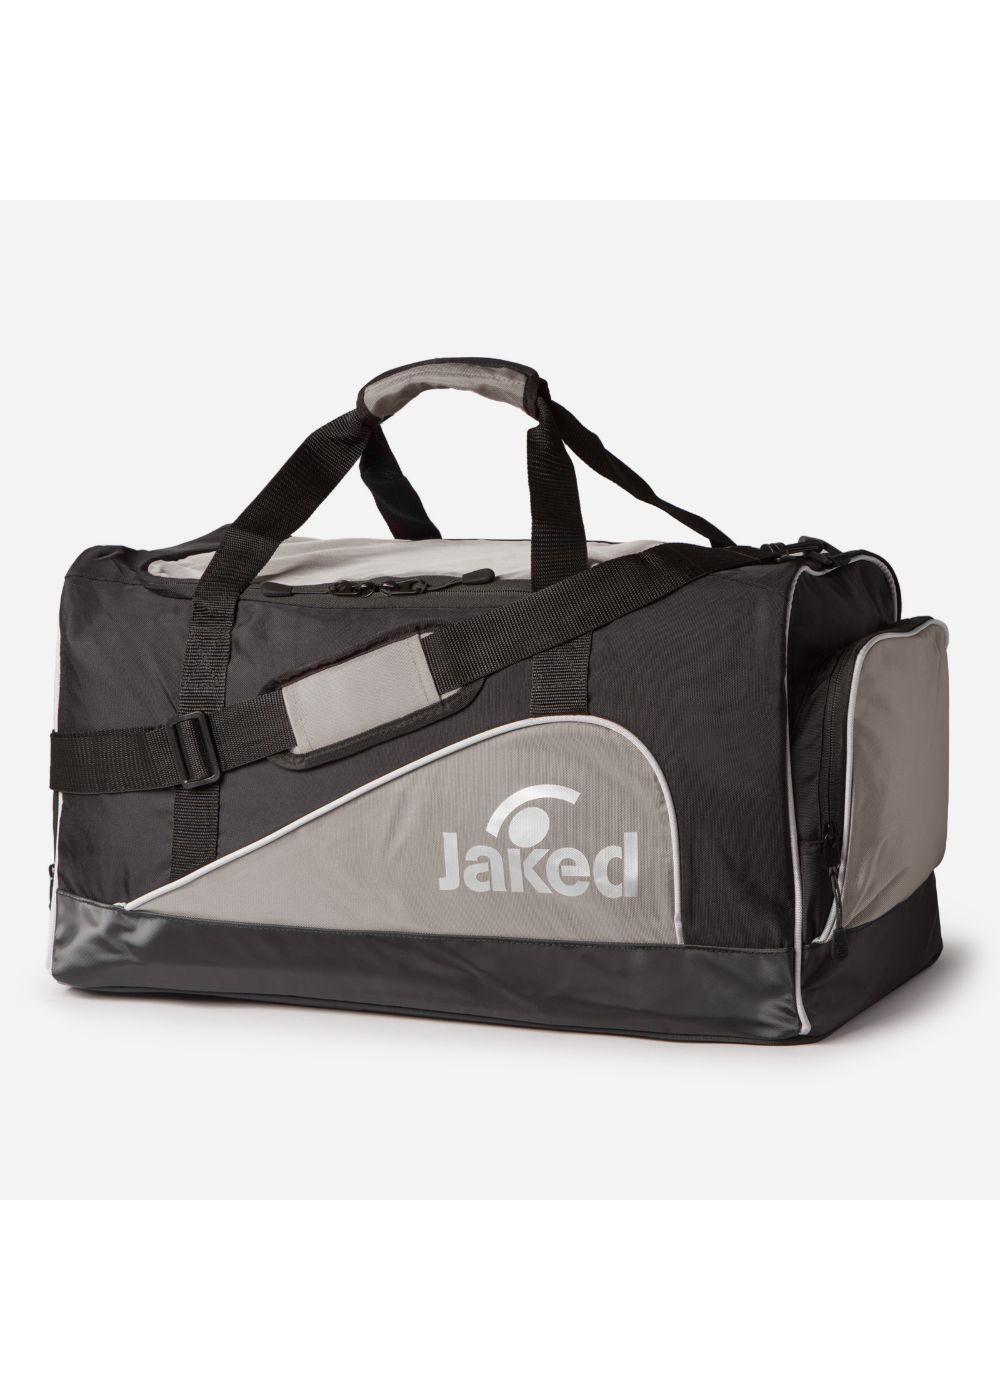 Jaked Neptune Bag